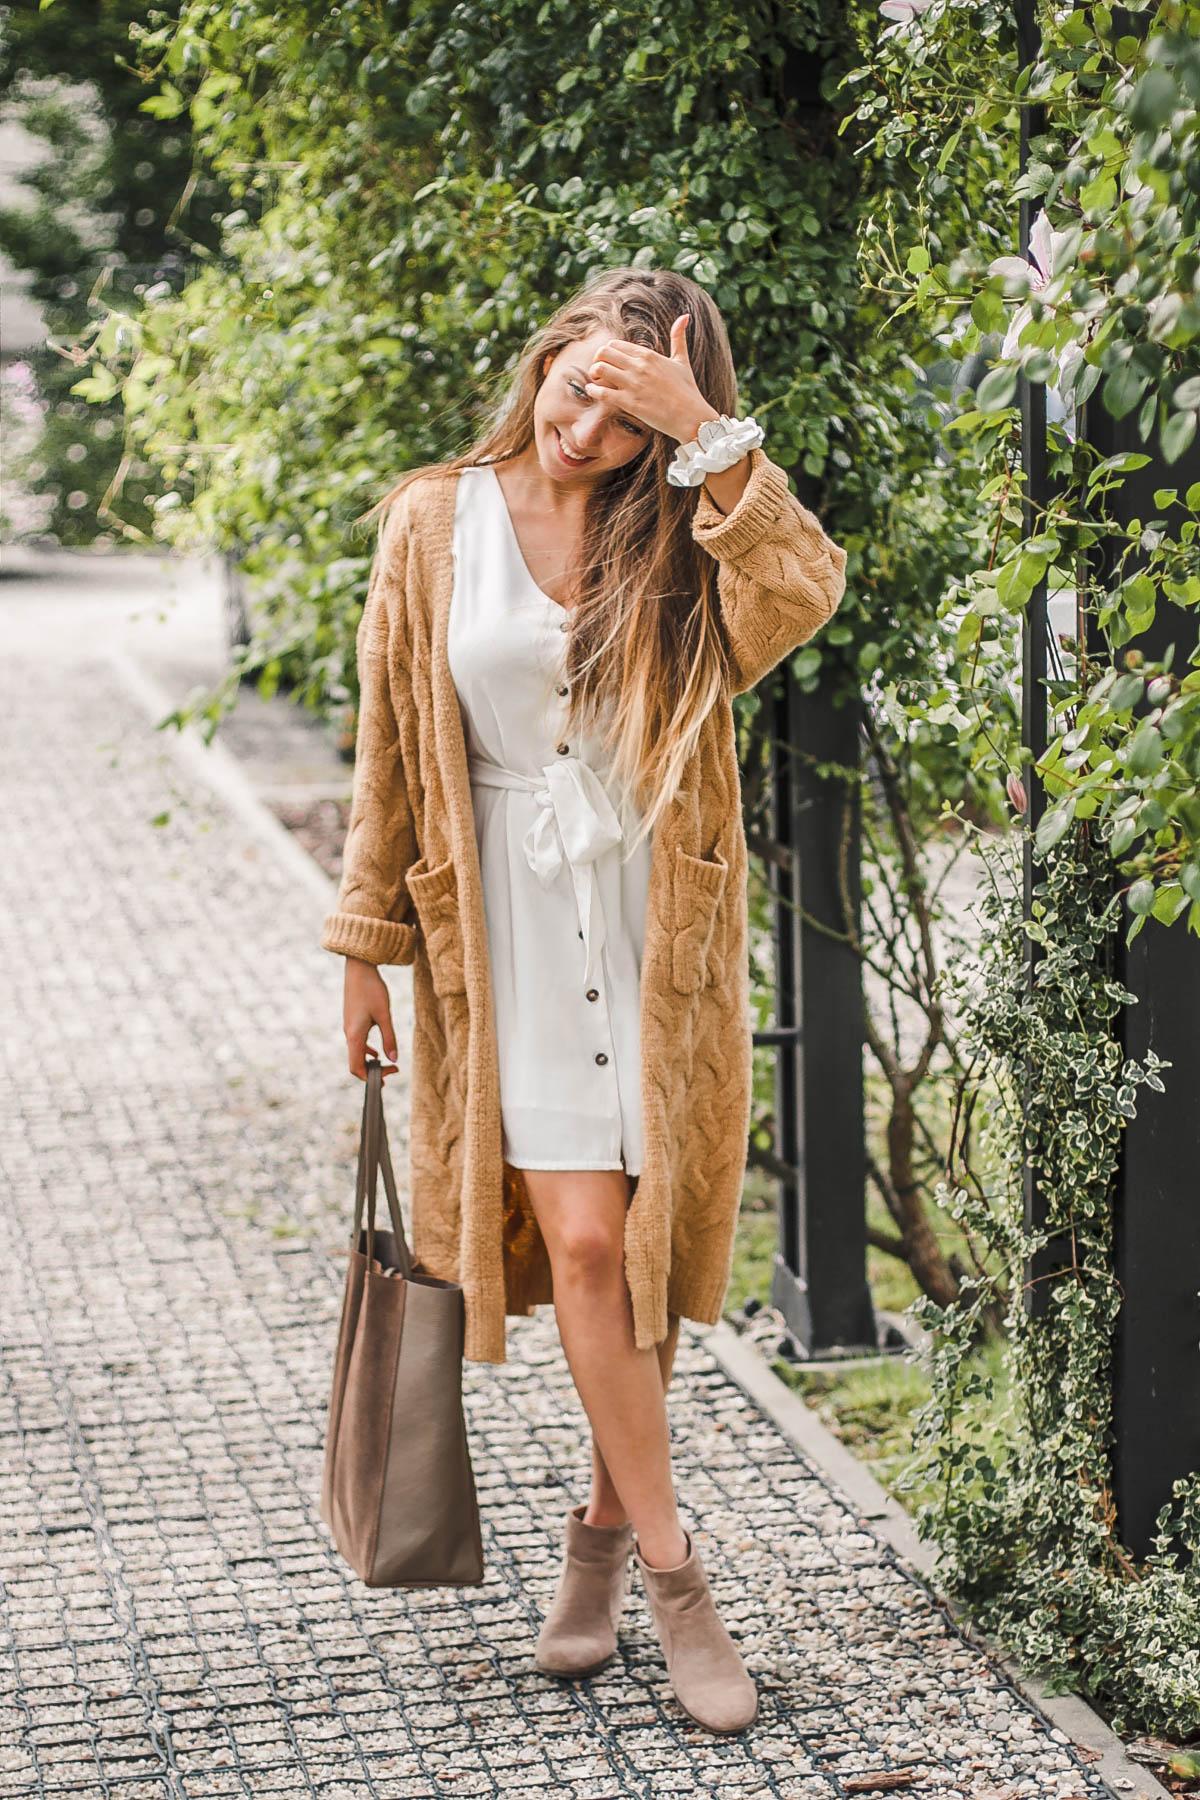 stylizacja karmelowy kardigan i sukienka